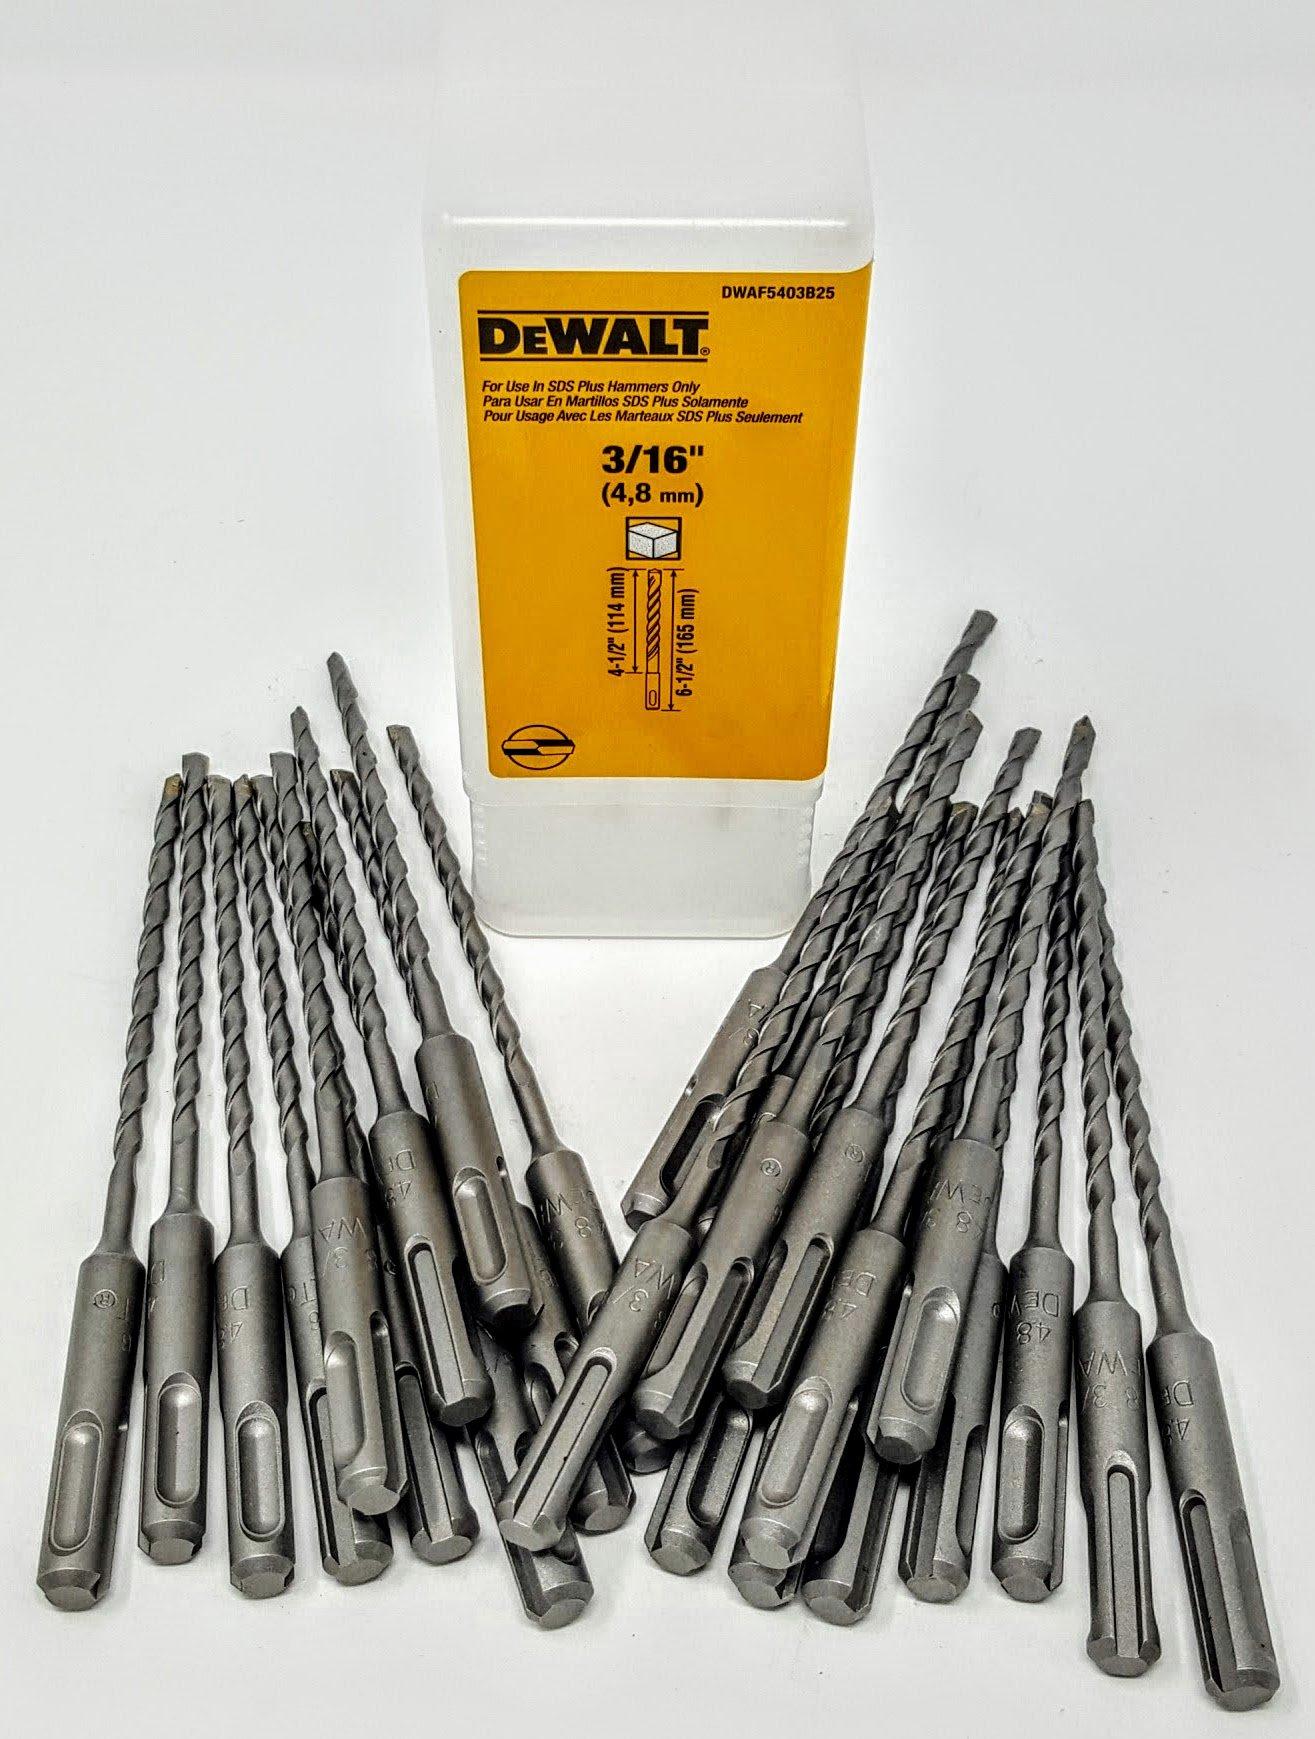 (25-pack) Dewalt DWAF5403B25 DWAF5403 3/16'' x 6-1/2'' SDS Rotary Hammer Bits by DEWALT